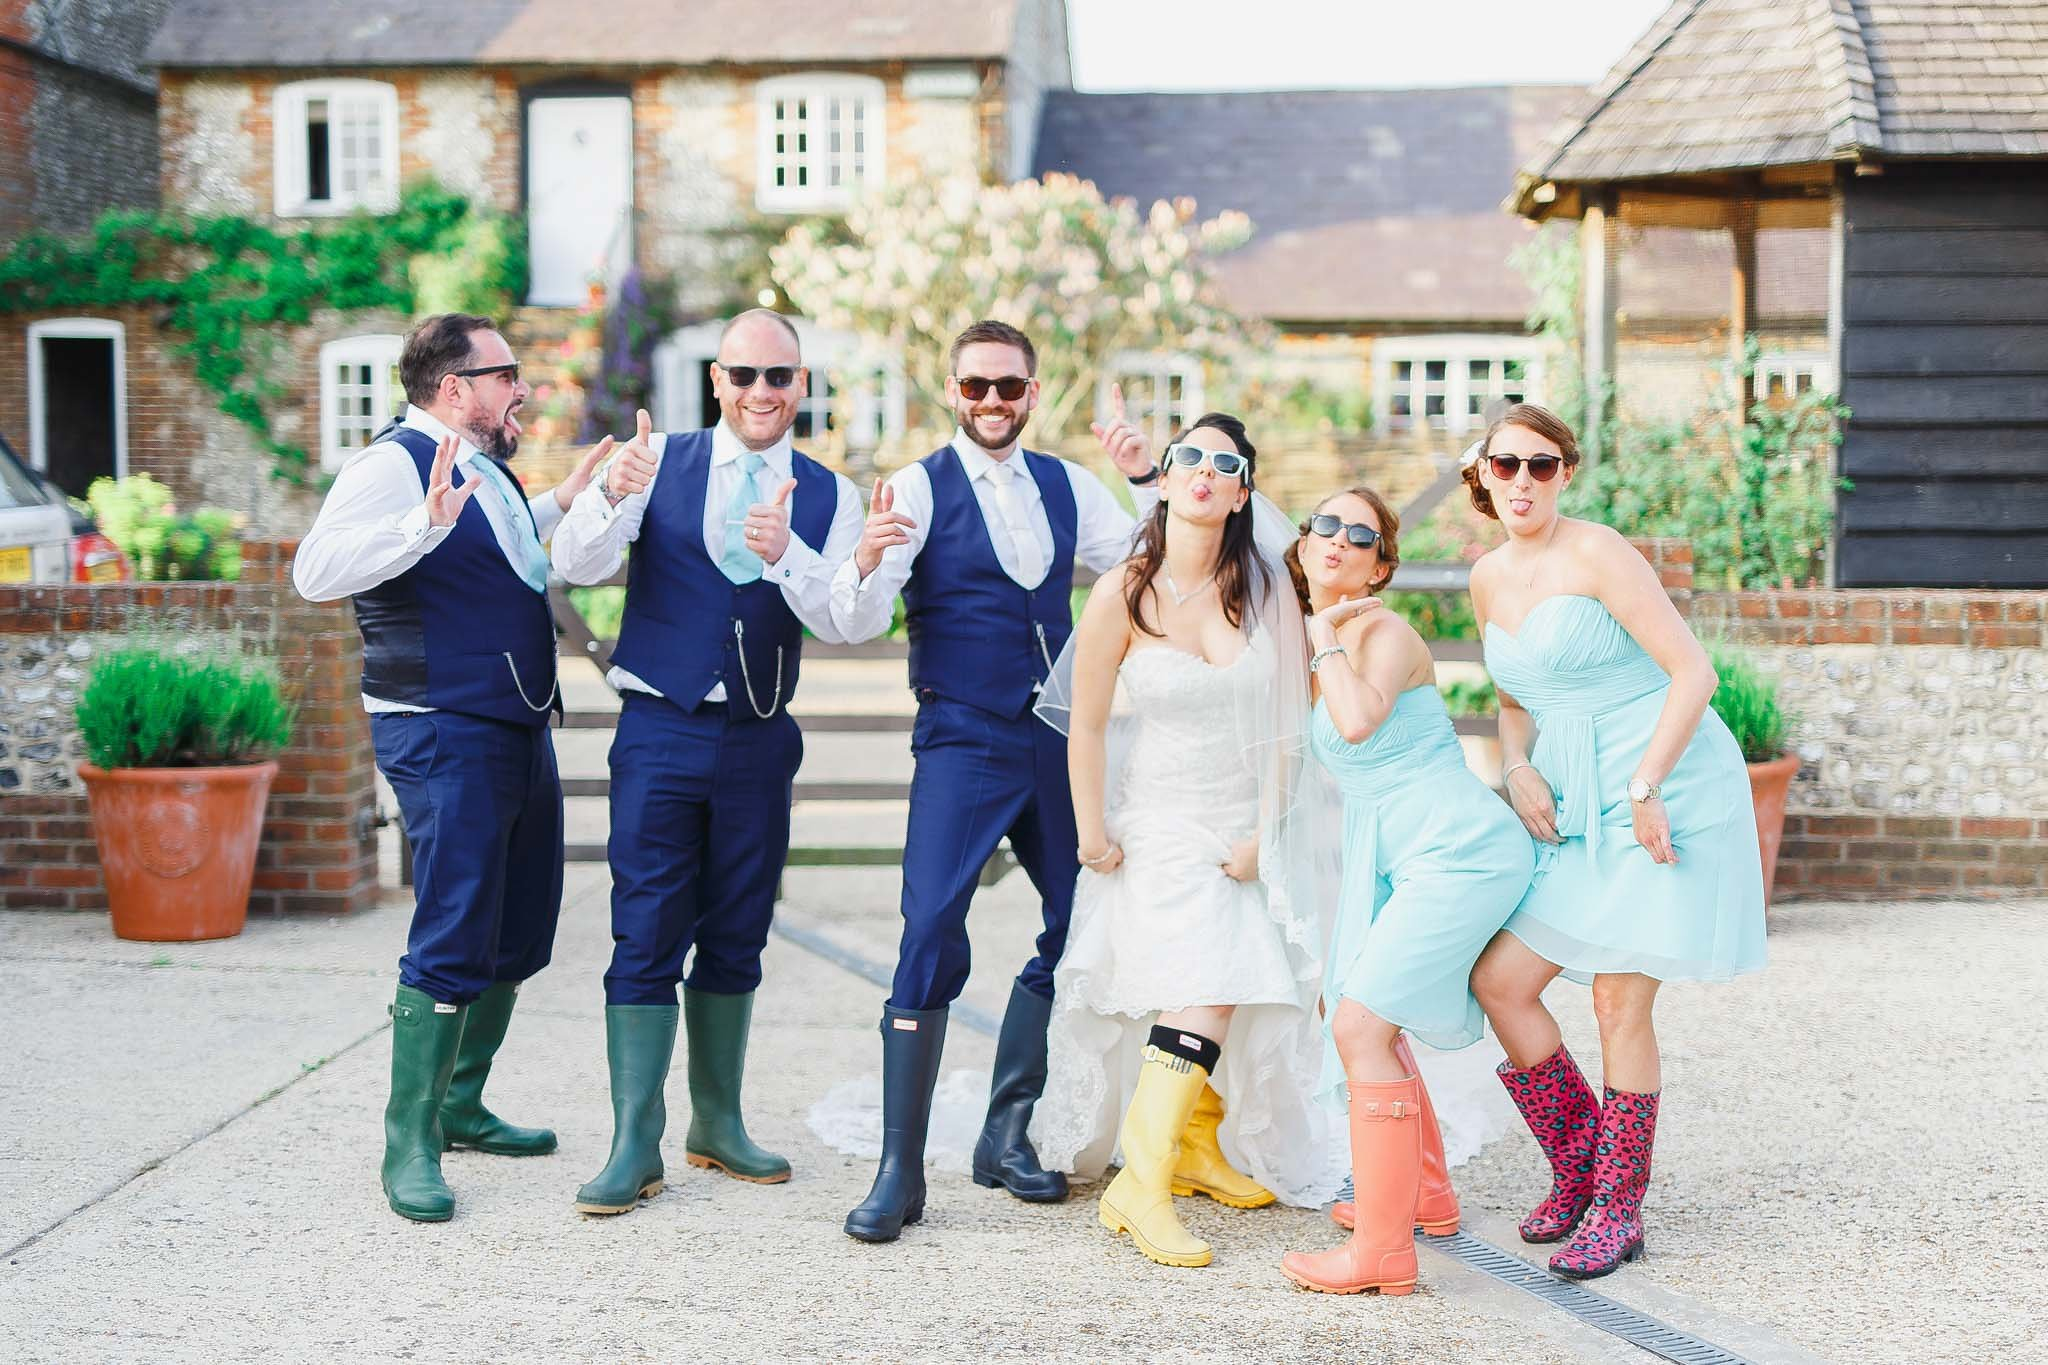 Real wedding at Upwaltham Barns